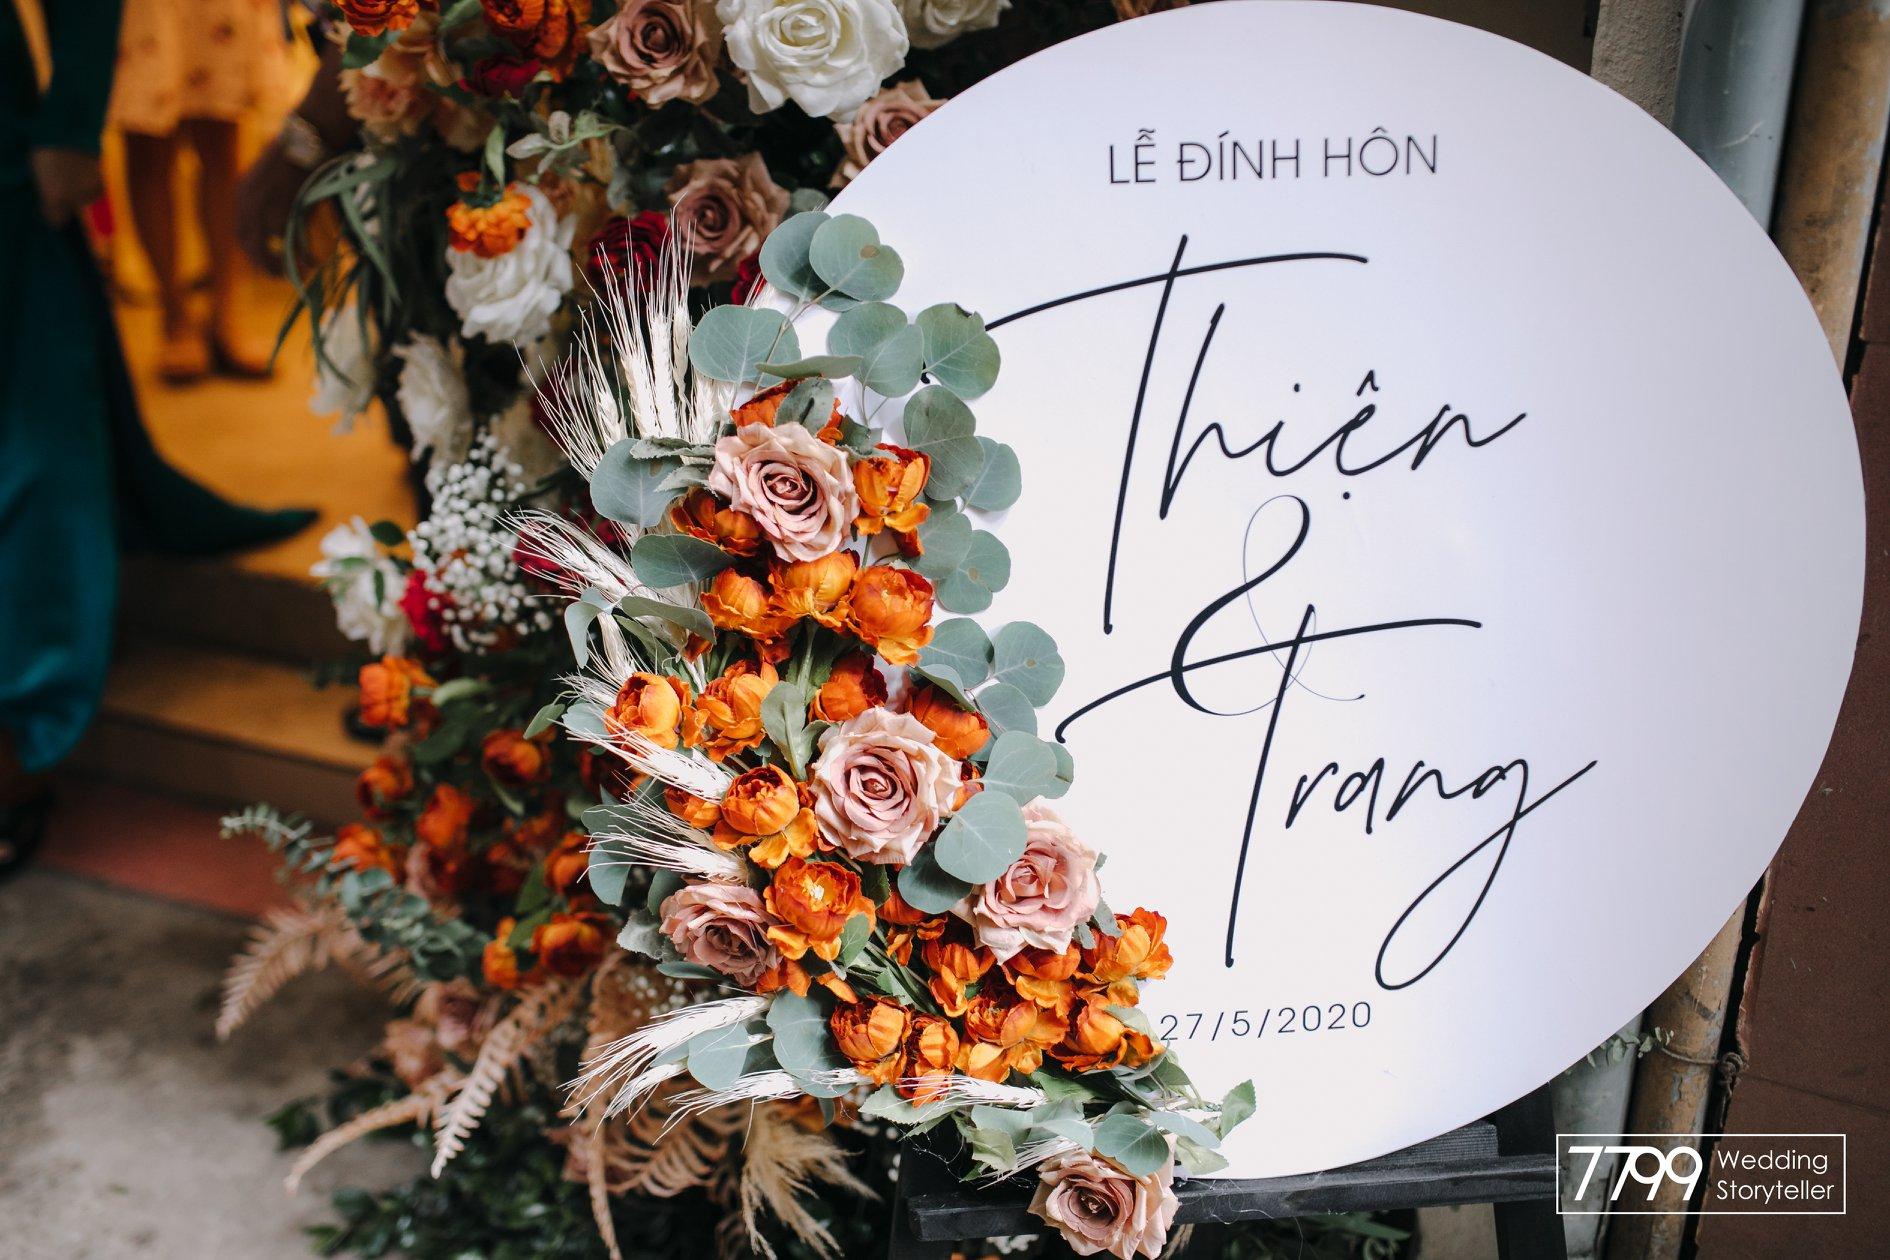 Dịch vụ trang trí đám cưới tại nhà trọn gói giá rẻ Hà Nội